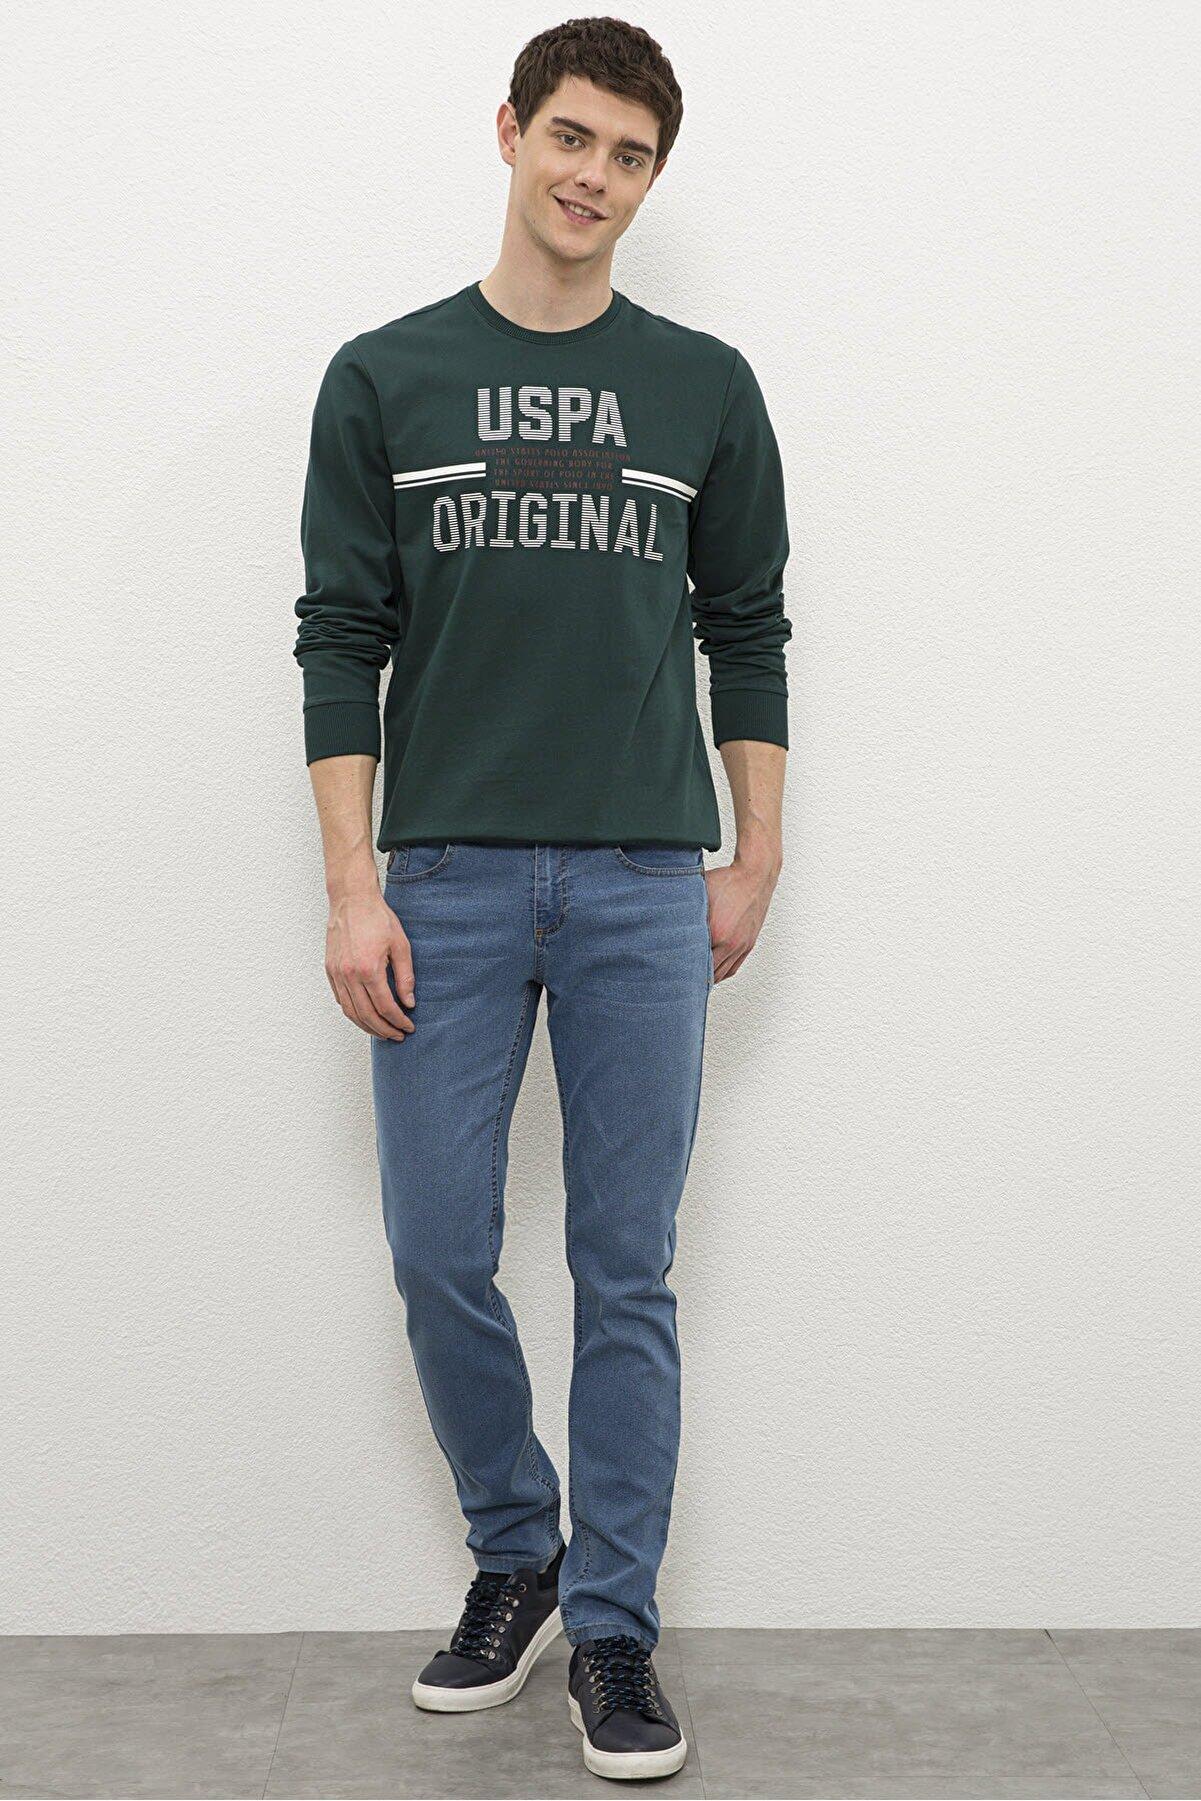 US Polo Assn Mavı Erkek Pantolon G081Sz080.000.1194383